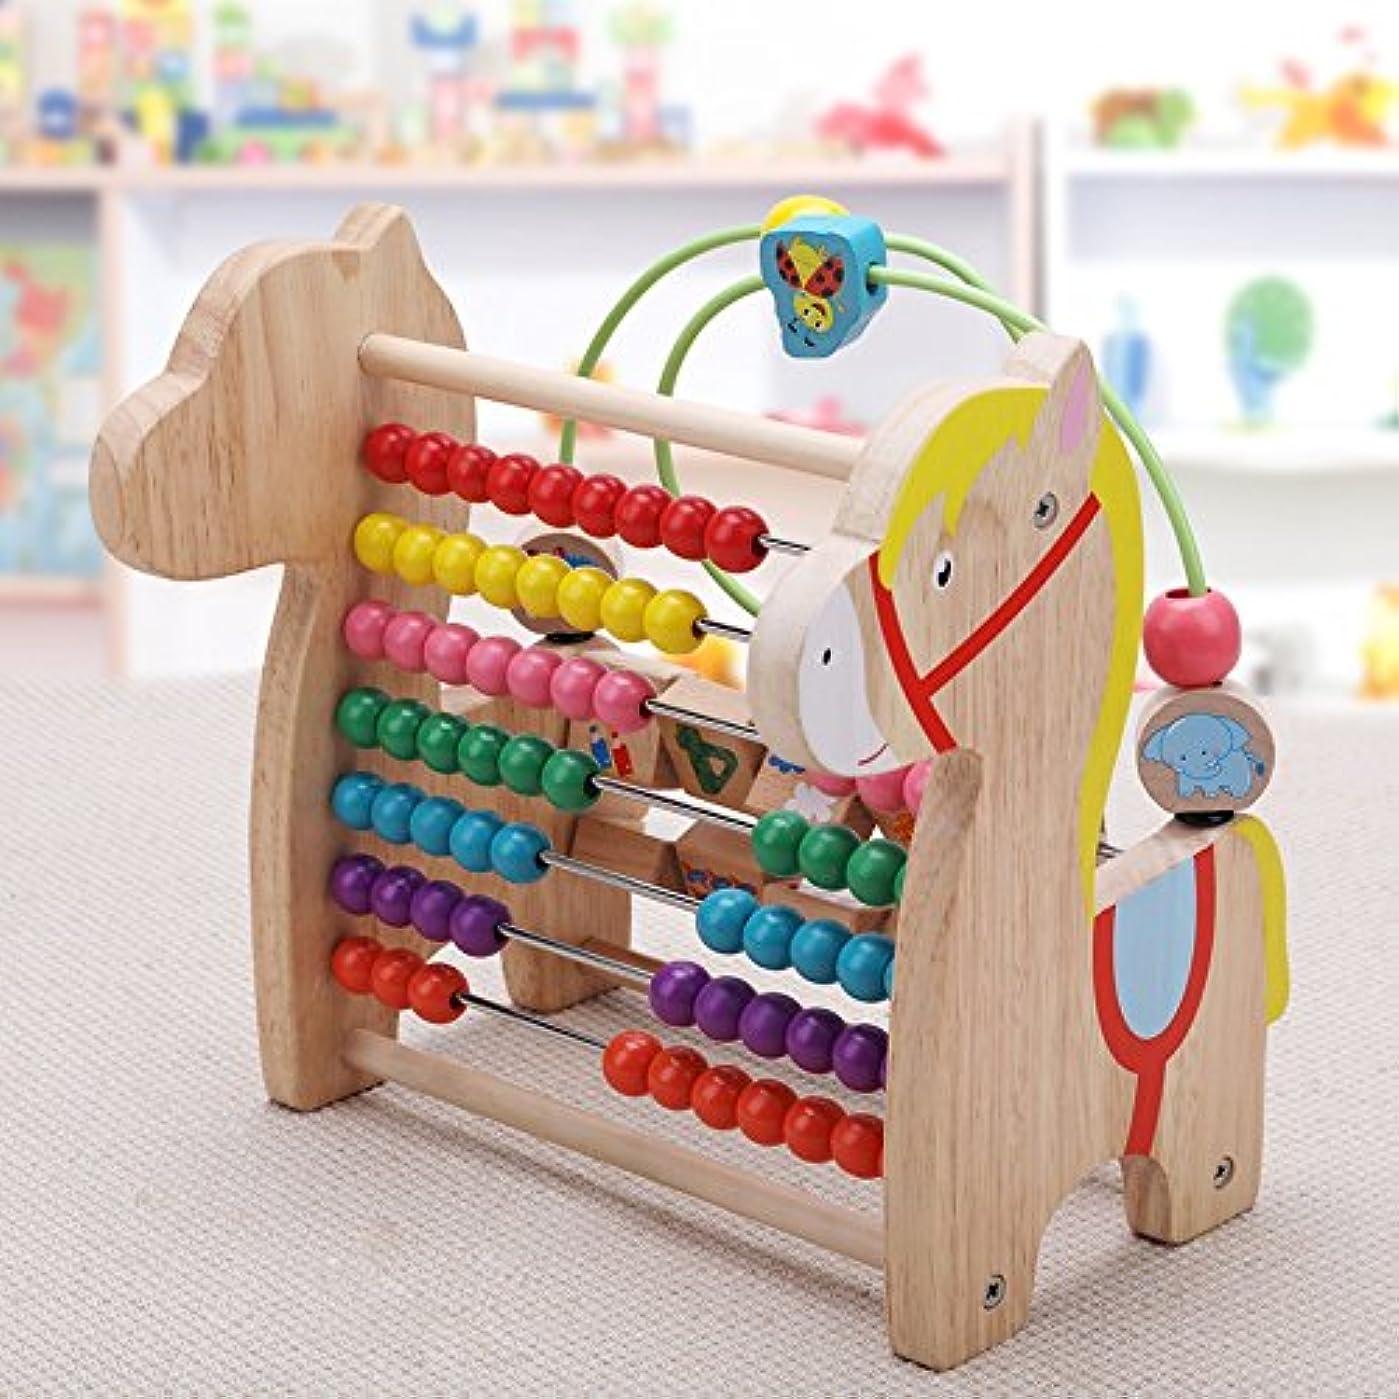 債務者反論者クリーク多機能ビーズ迷路子供のキューブ玩具子供の贈り物を学ぶ